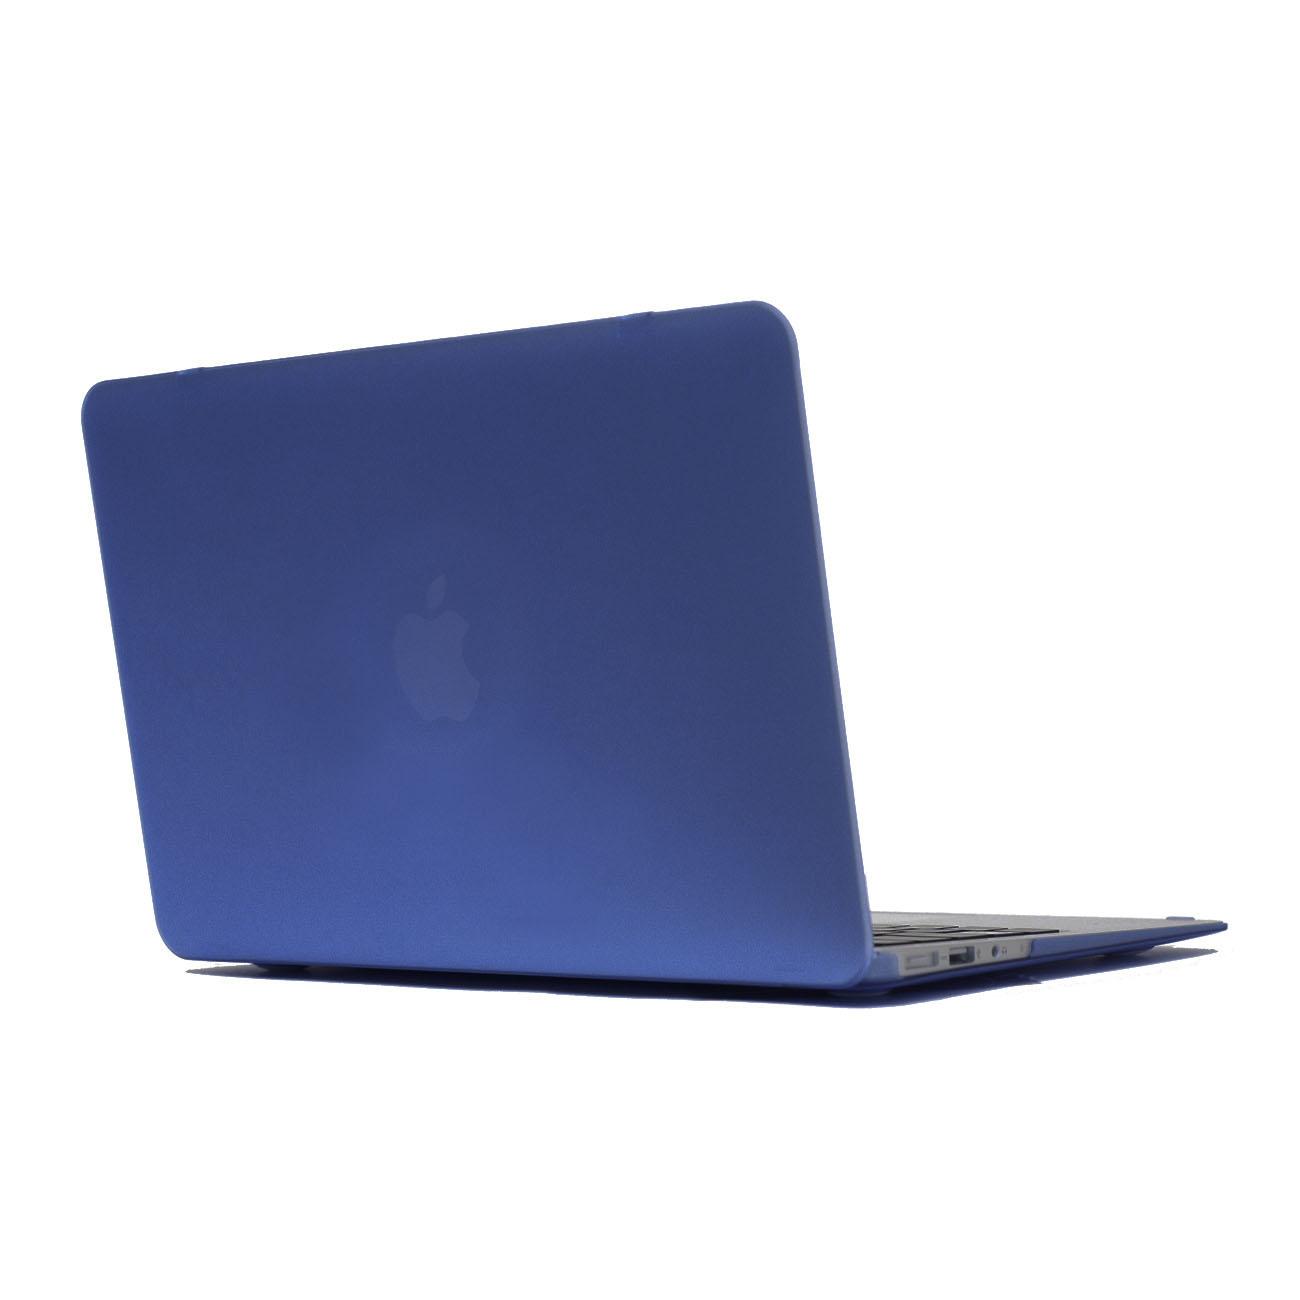 Чехол Crystal Case для MacBook Pro Retina 13 СинийMacBook<br>Crystal Case — ультратонкая, лёгкая, полупрозрачная защита для вашего лэптопа.<br><br>Цвет: Синий<br>Материал: Поликарбонат